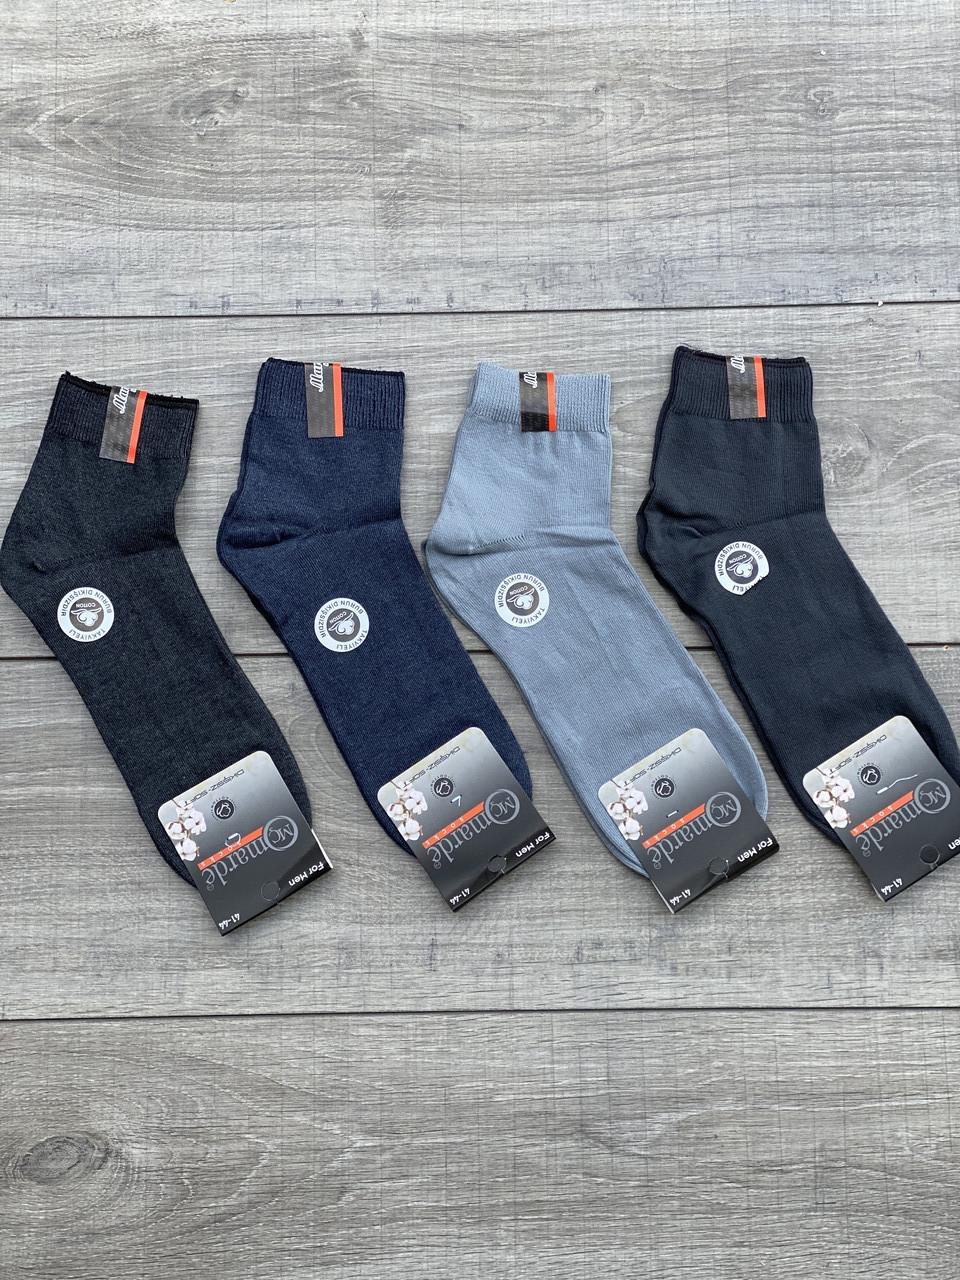 Чоловічі носки катонові шкарпетки Marde однотонні безшовні  41-44 12 шт в уп мікс кольорів